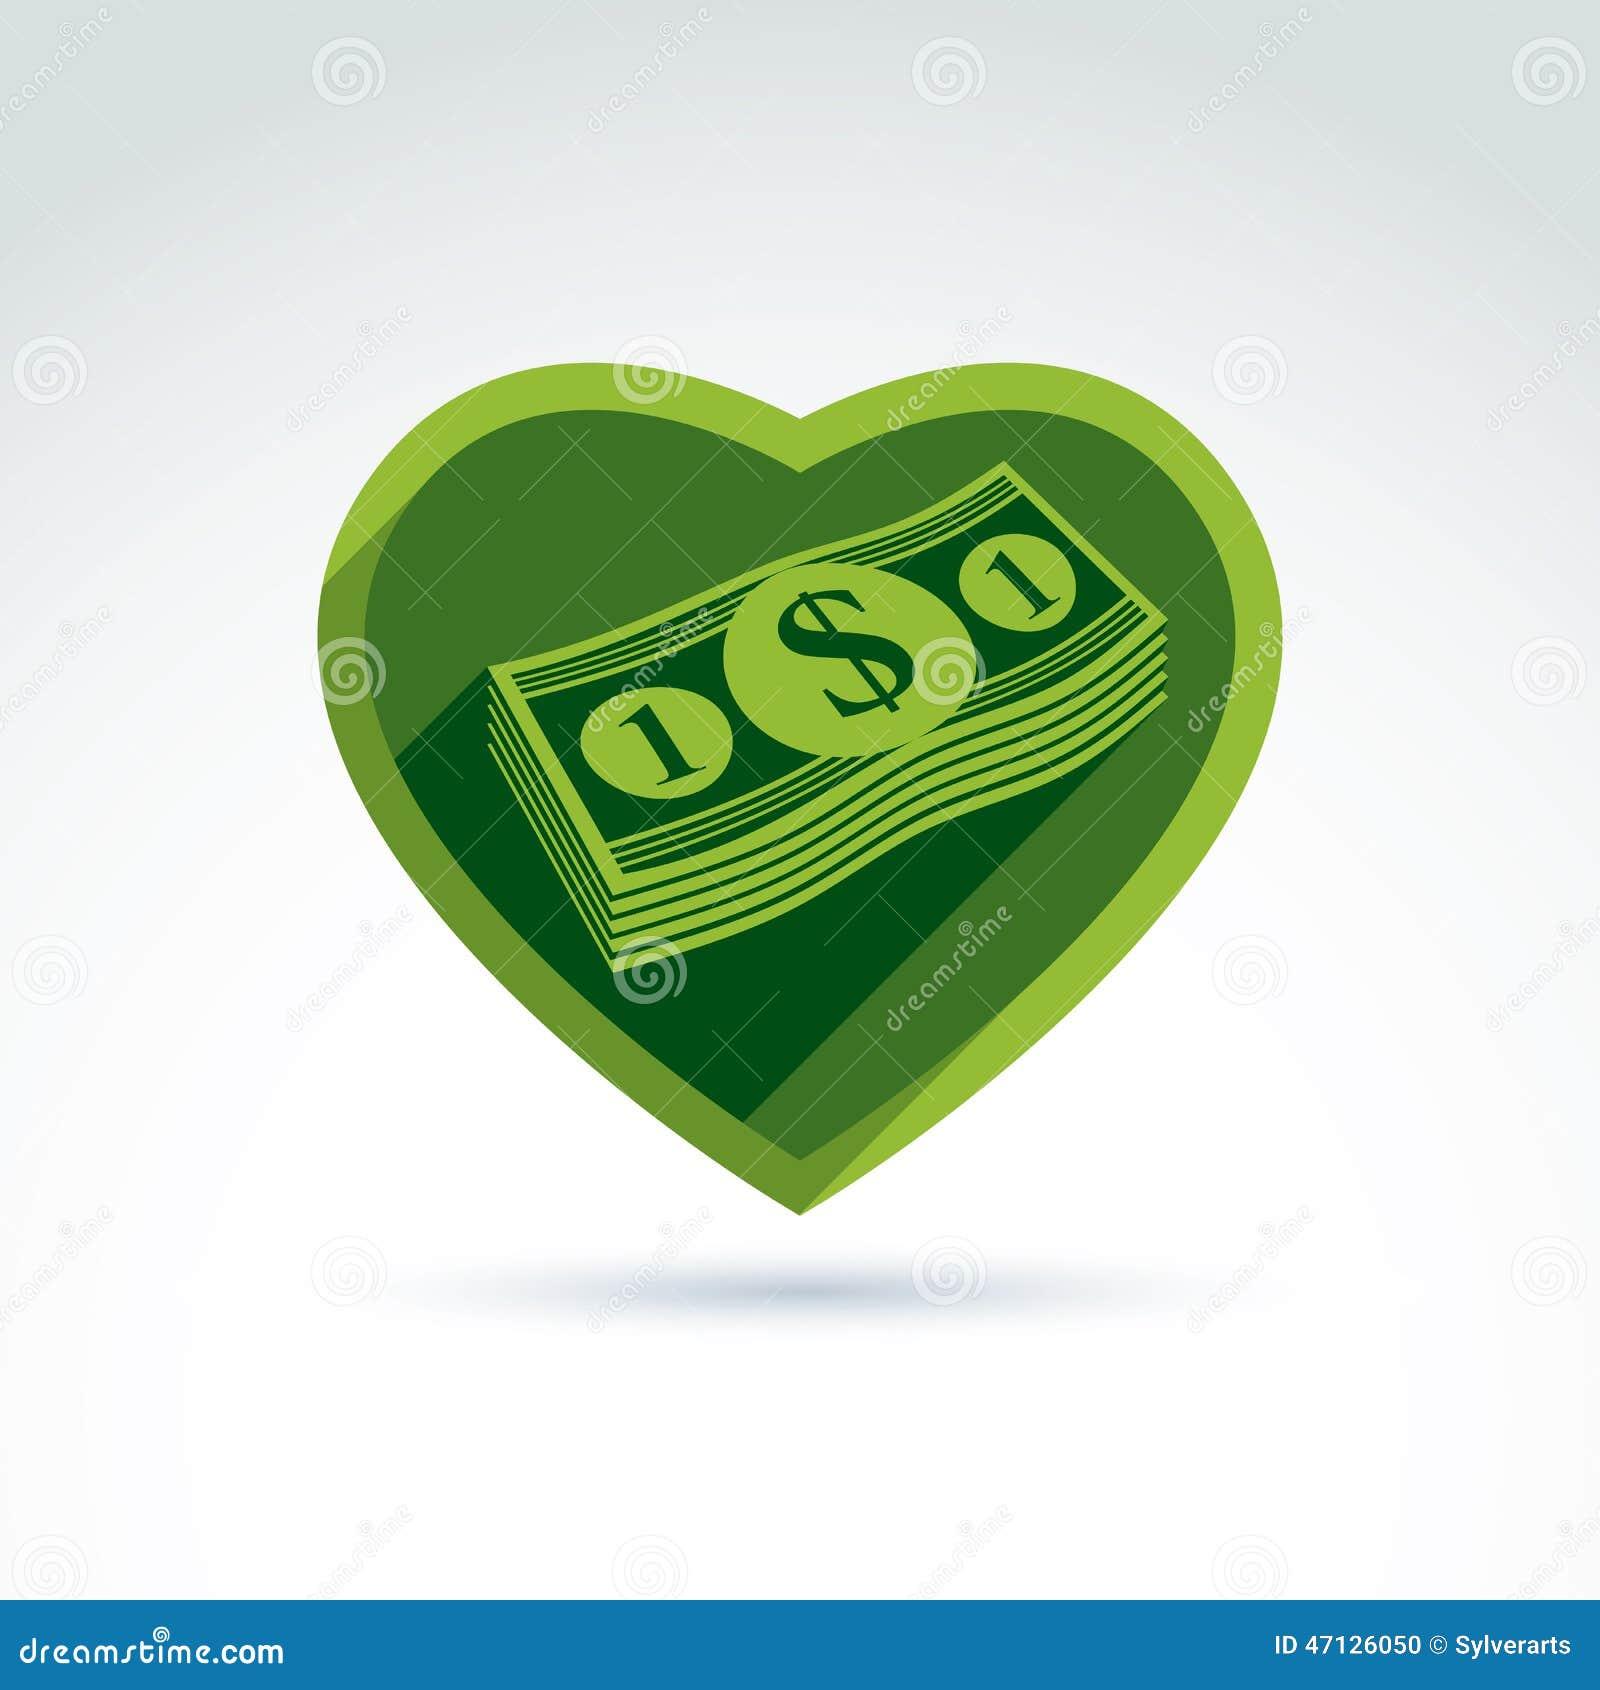 Полюбите успех денег, жадность, кредитуя и депозируя, богатство и